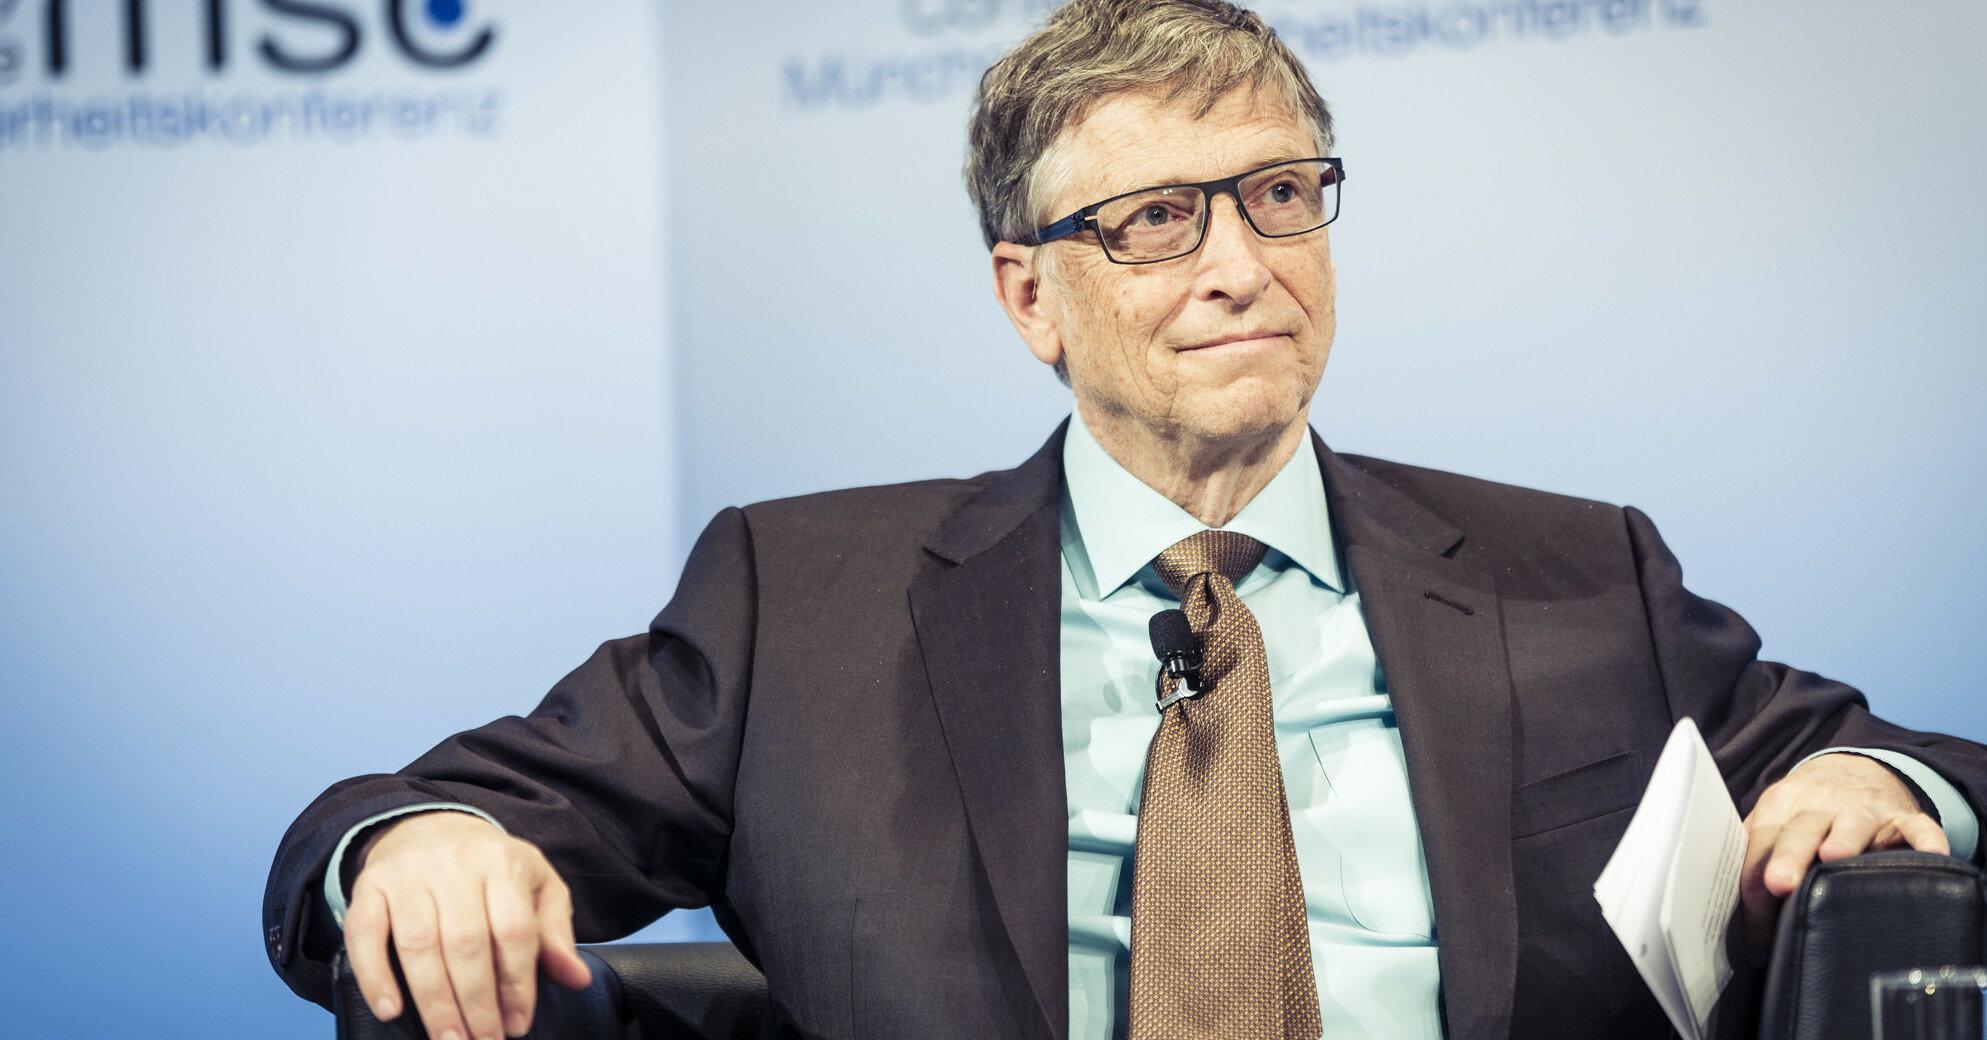 Билл Гейтс начнет бороться со щелями в домах - Bloomberg